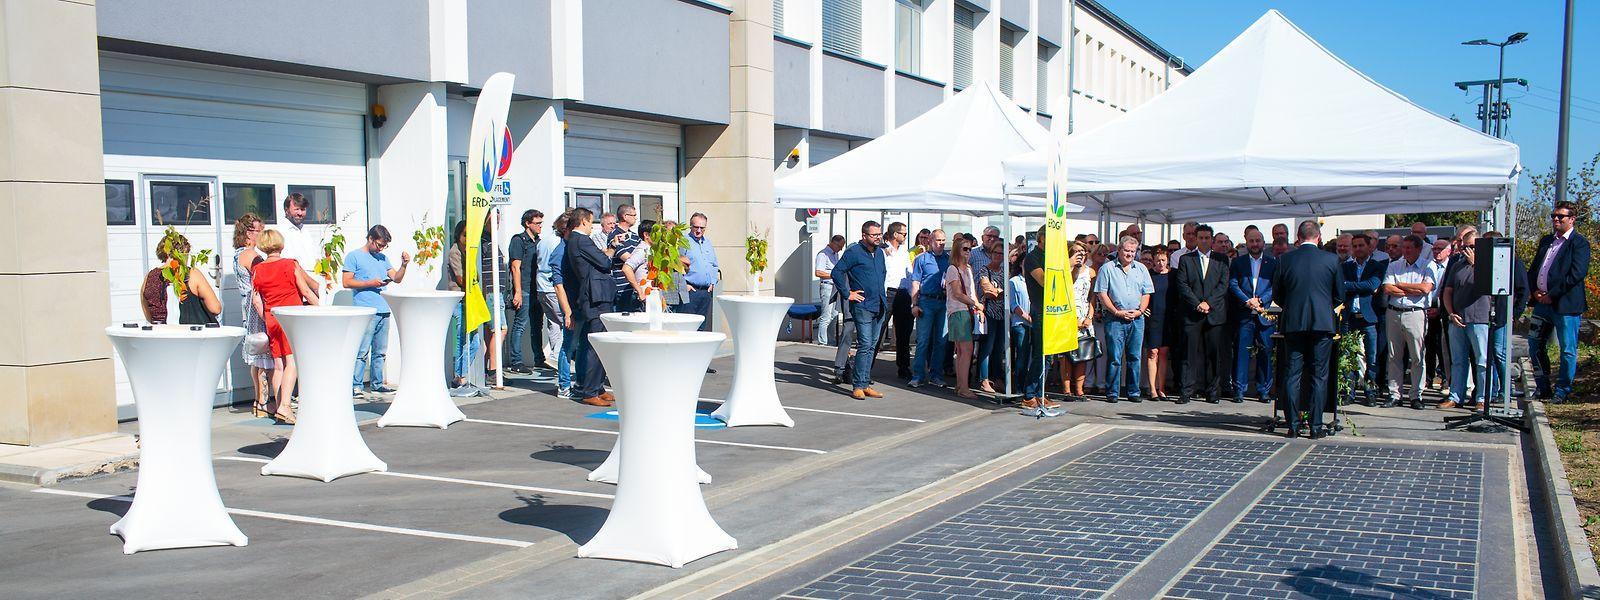 Die befahrbaren Solarmodule versorgen fortan die Server der Gemeinde Sassenheim